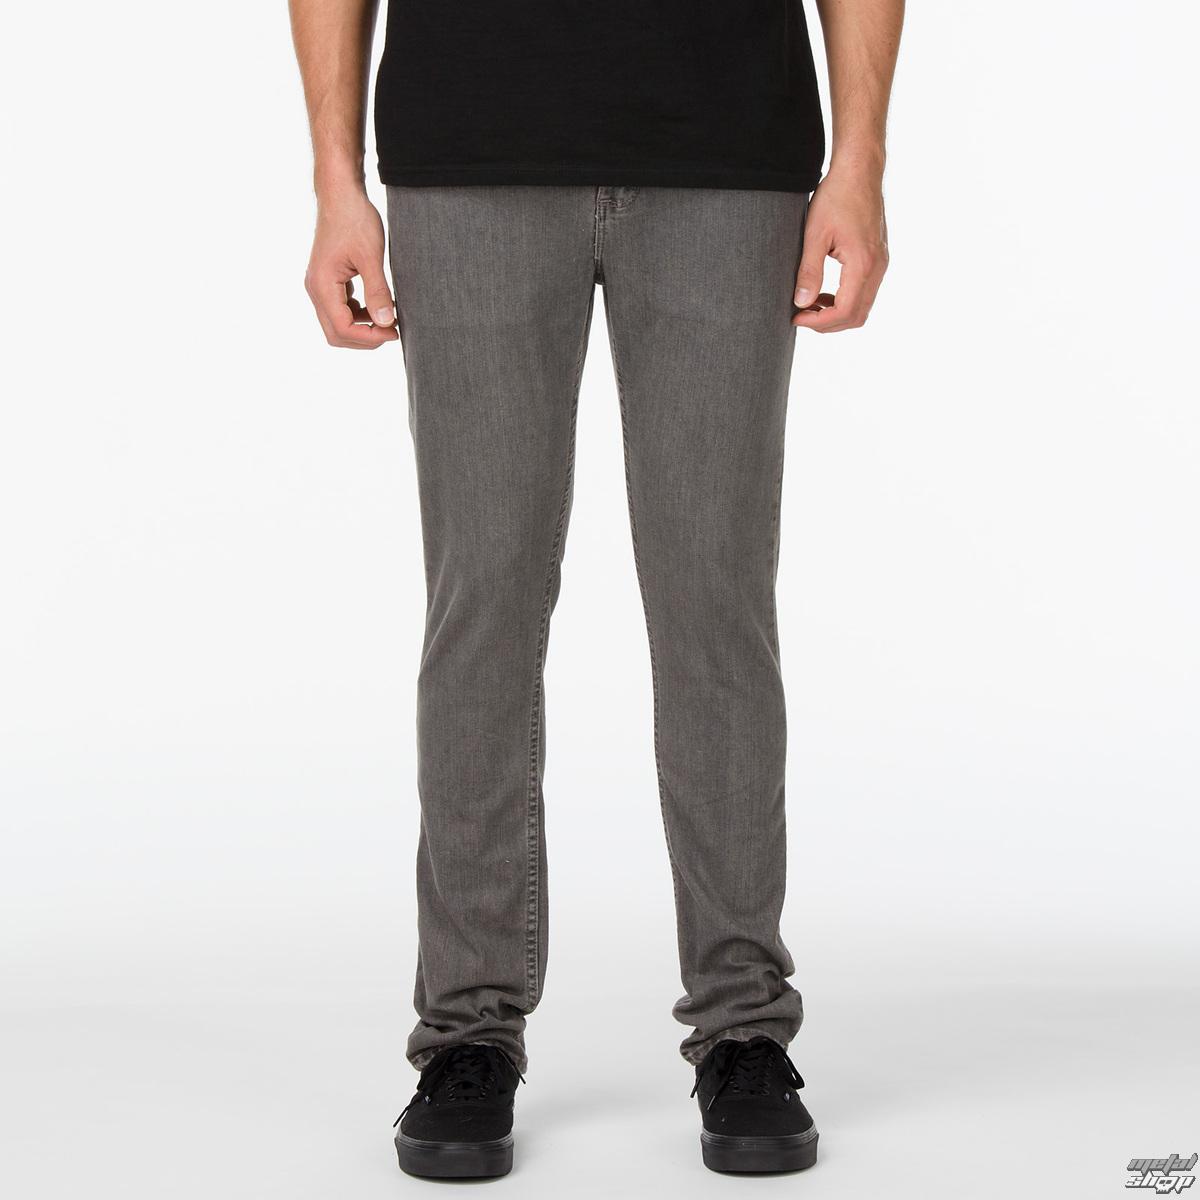 2445c4b4b299 pants men VANS - M V76 Skinny - Gravel Grey - VK4D52V - metal-shop.eu